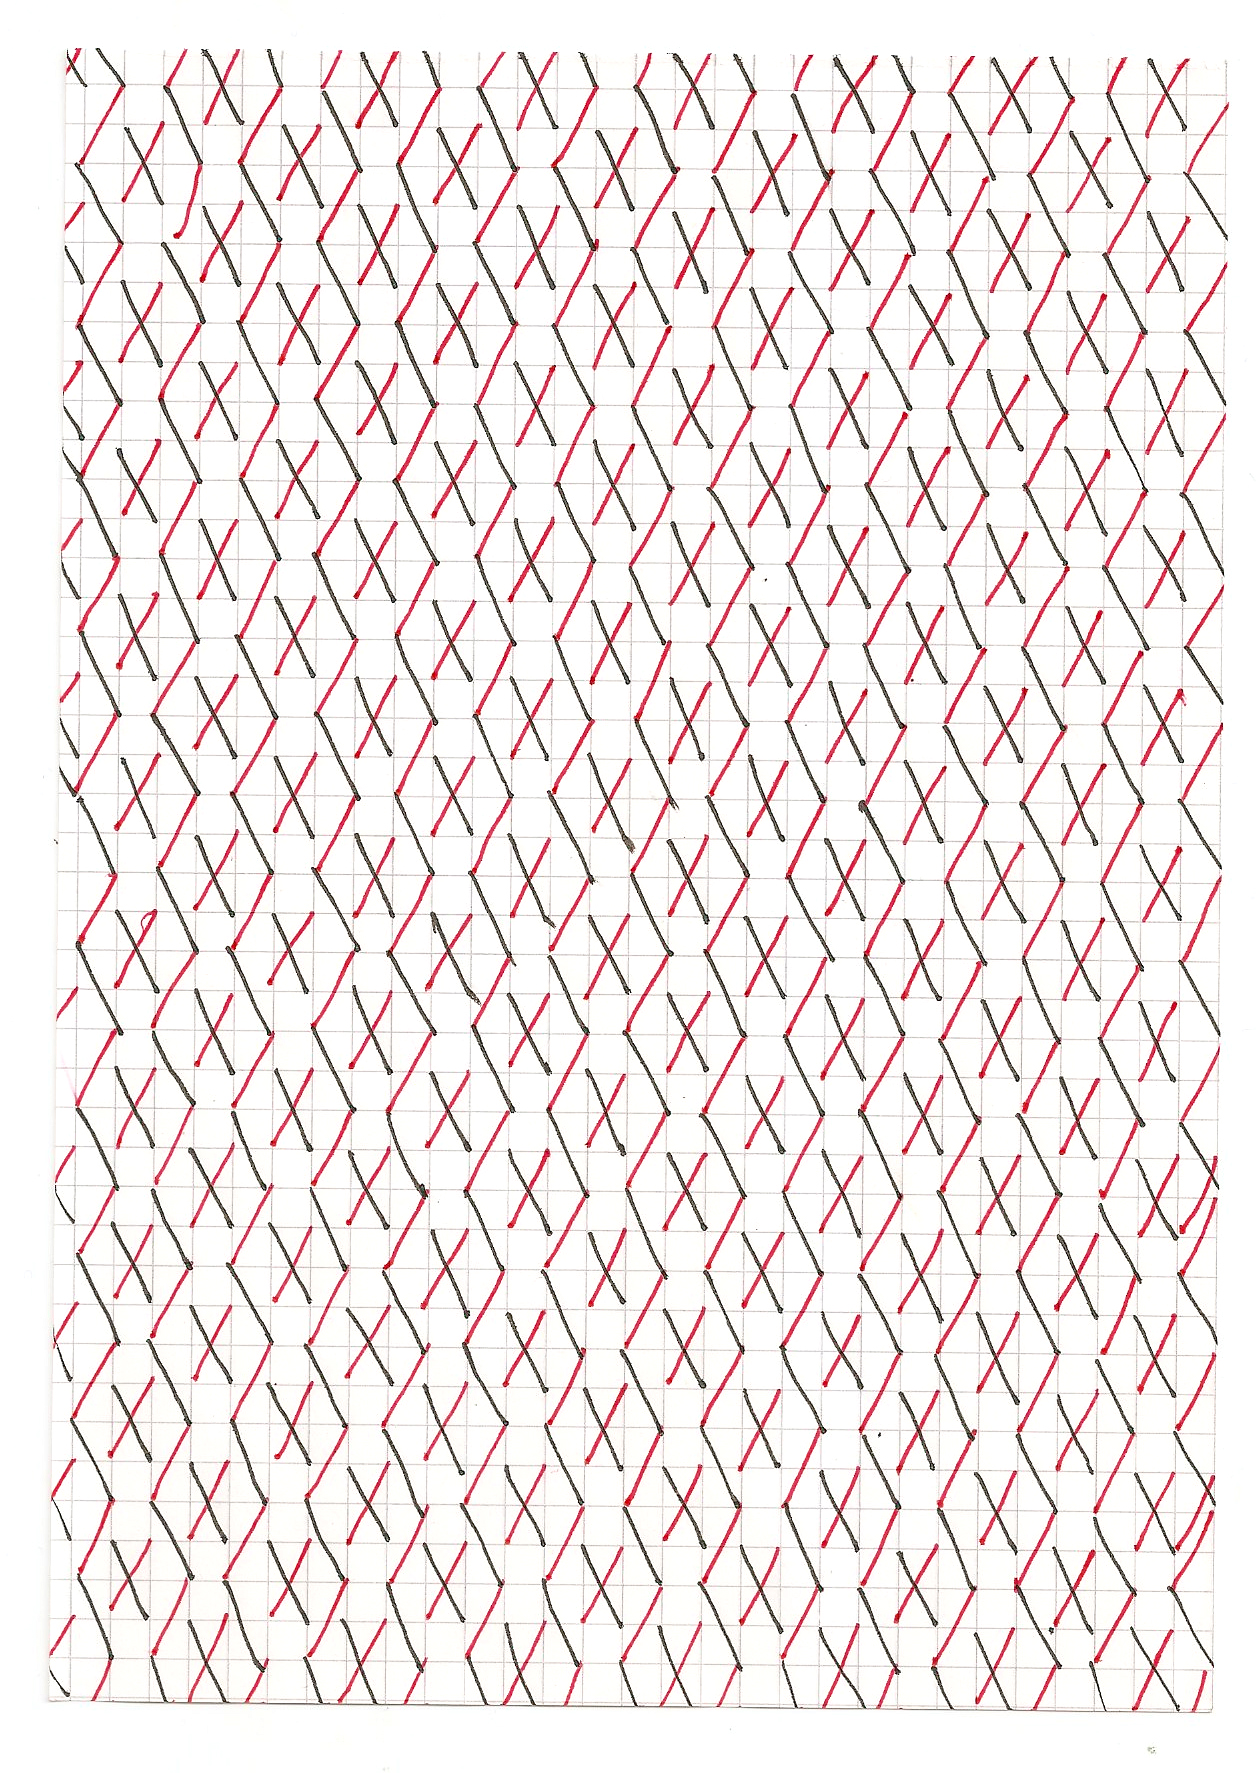 analog stereotyp 1, 21x14,8cm, Fineliner auf Papier